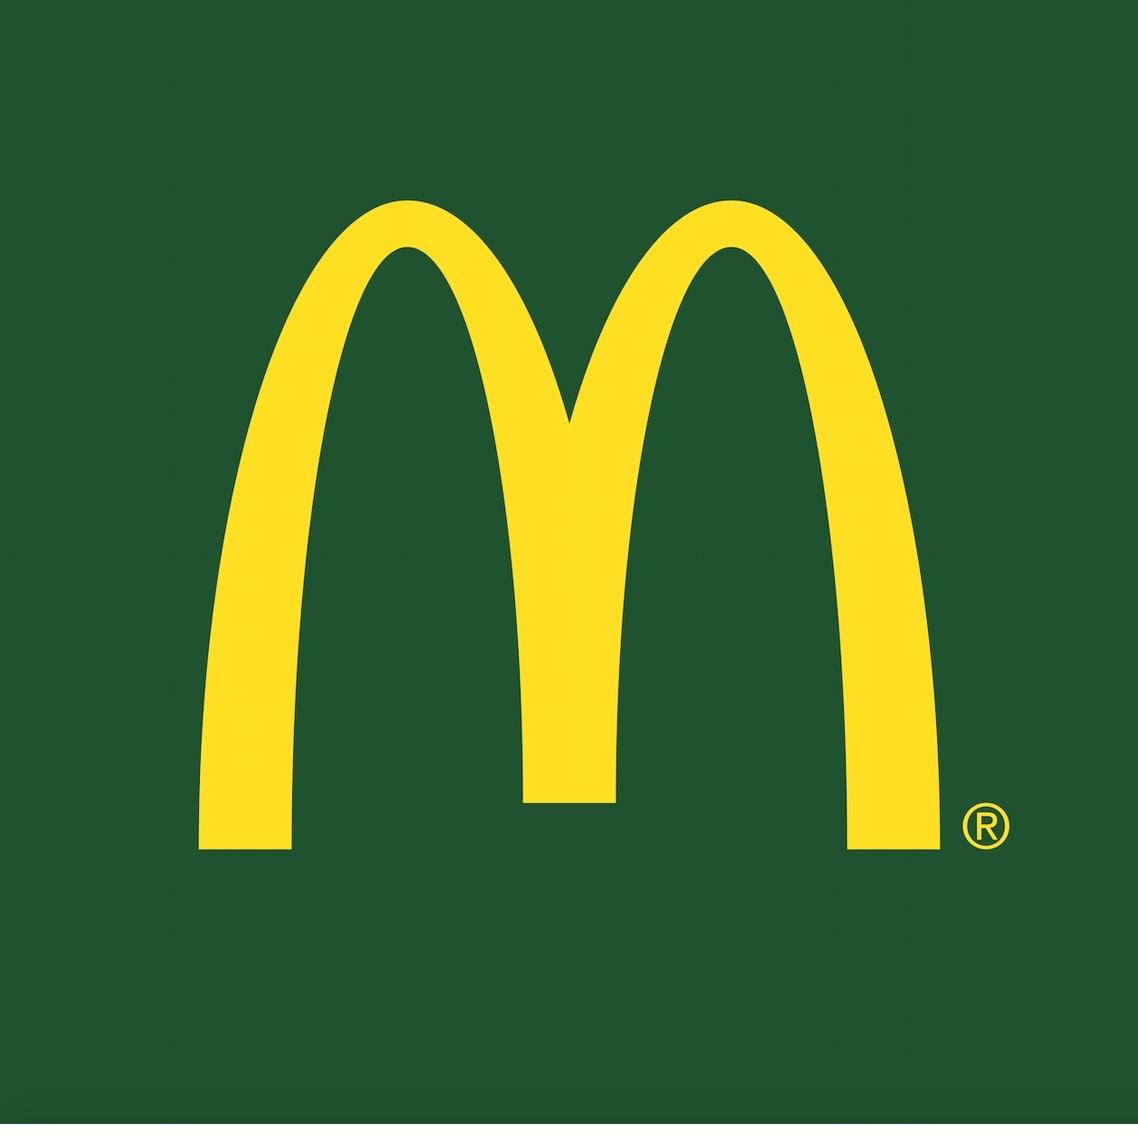 Sandwich Big Mac à 2€ - Région Toulousaine (31)